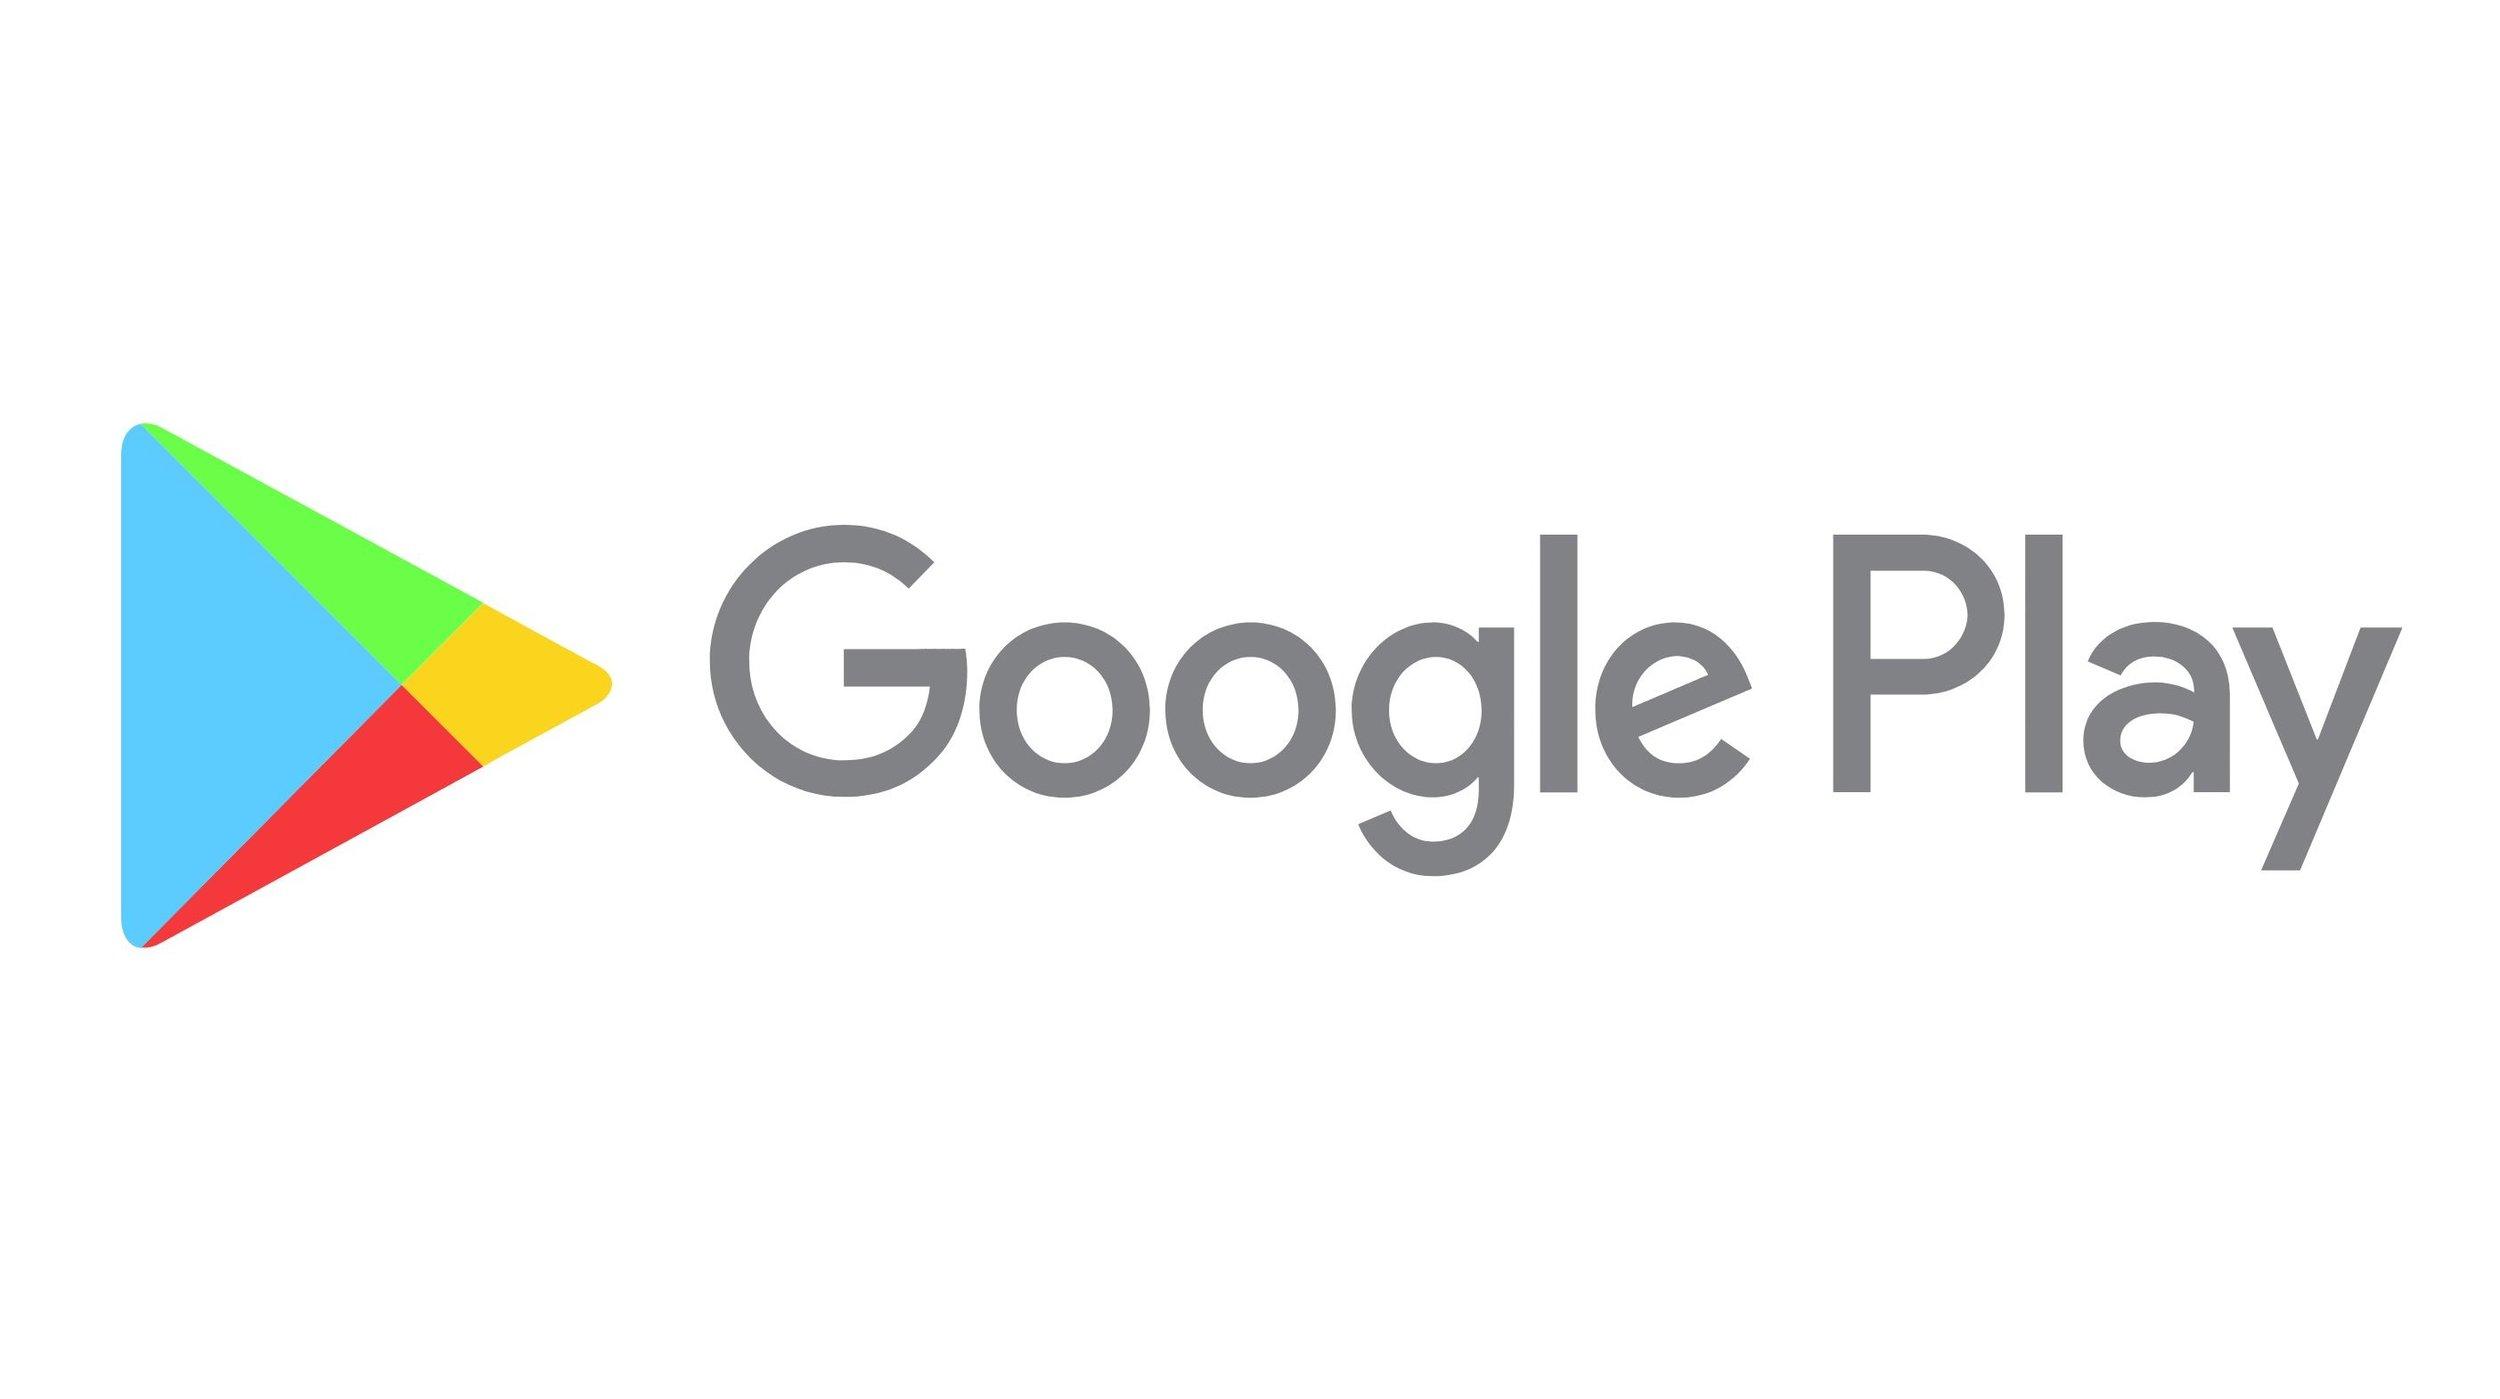 google-play-logo-header-2018.jpg